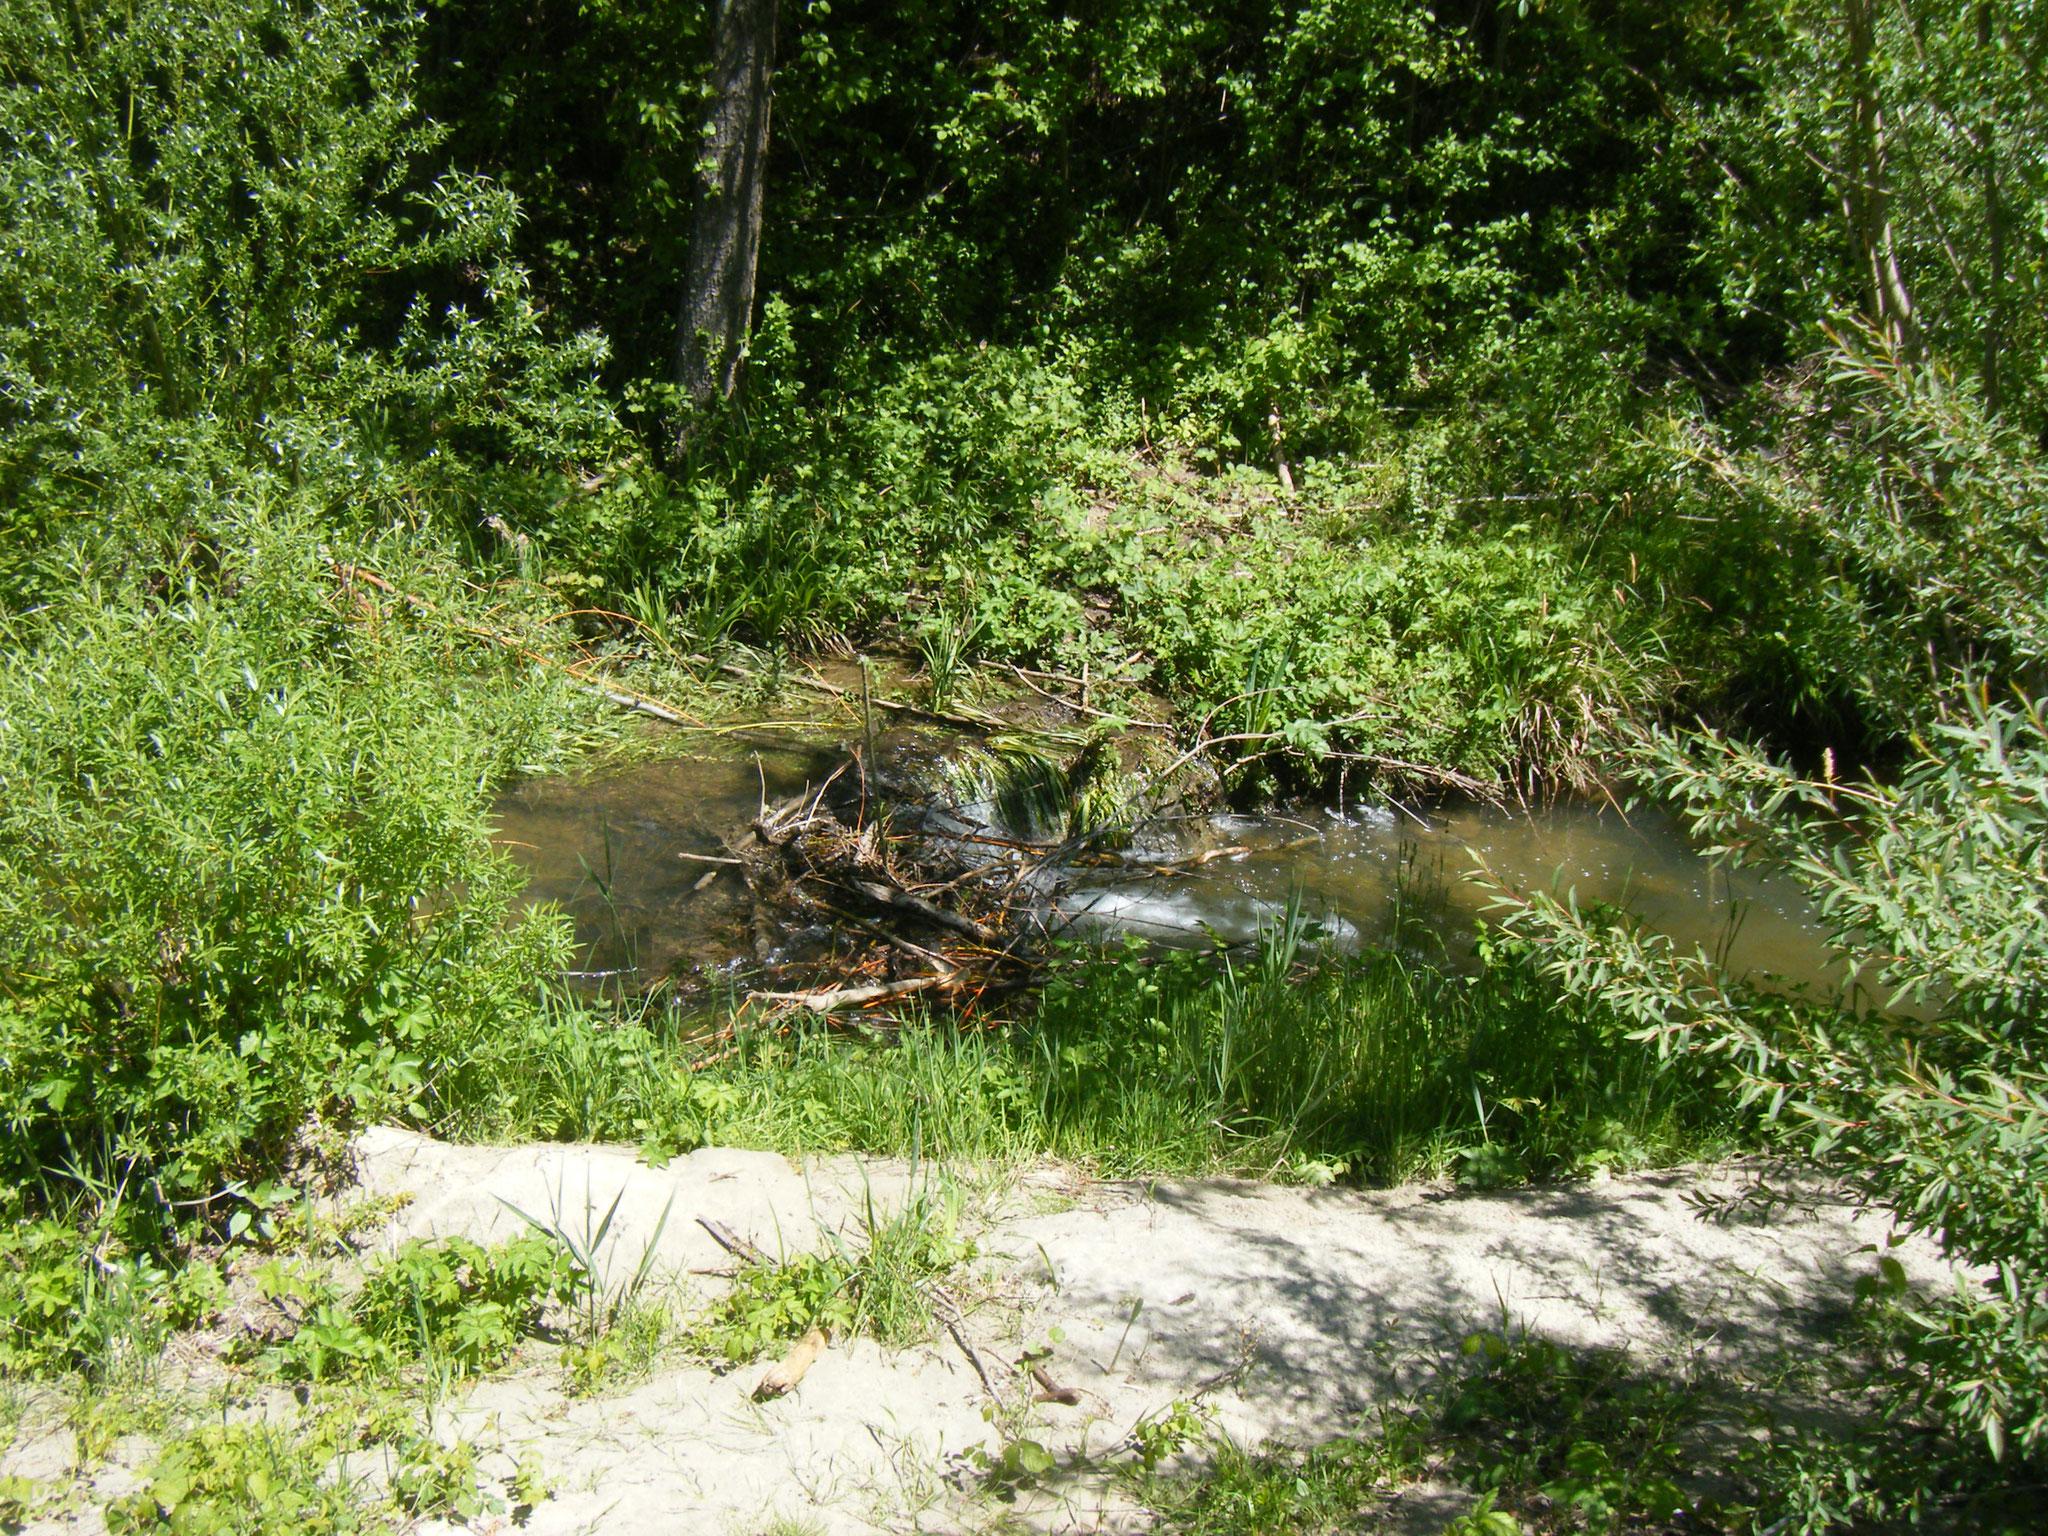 etwa 20 m später: noch ein kleinerer Damm mit ca. 40 cm Wasserspiegel-Höhenunterschied